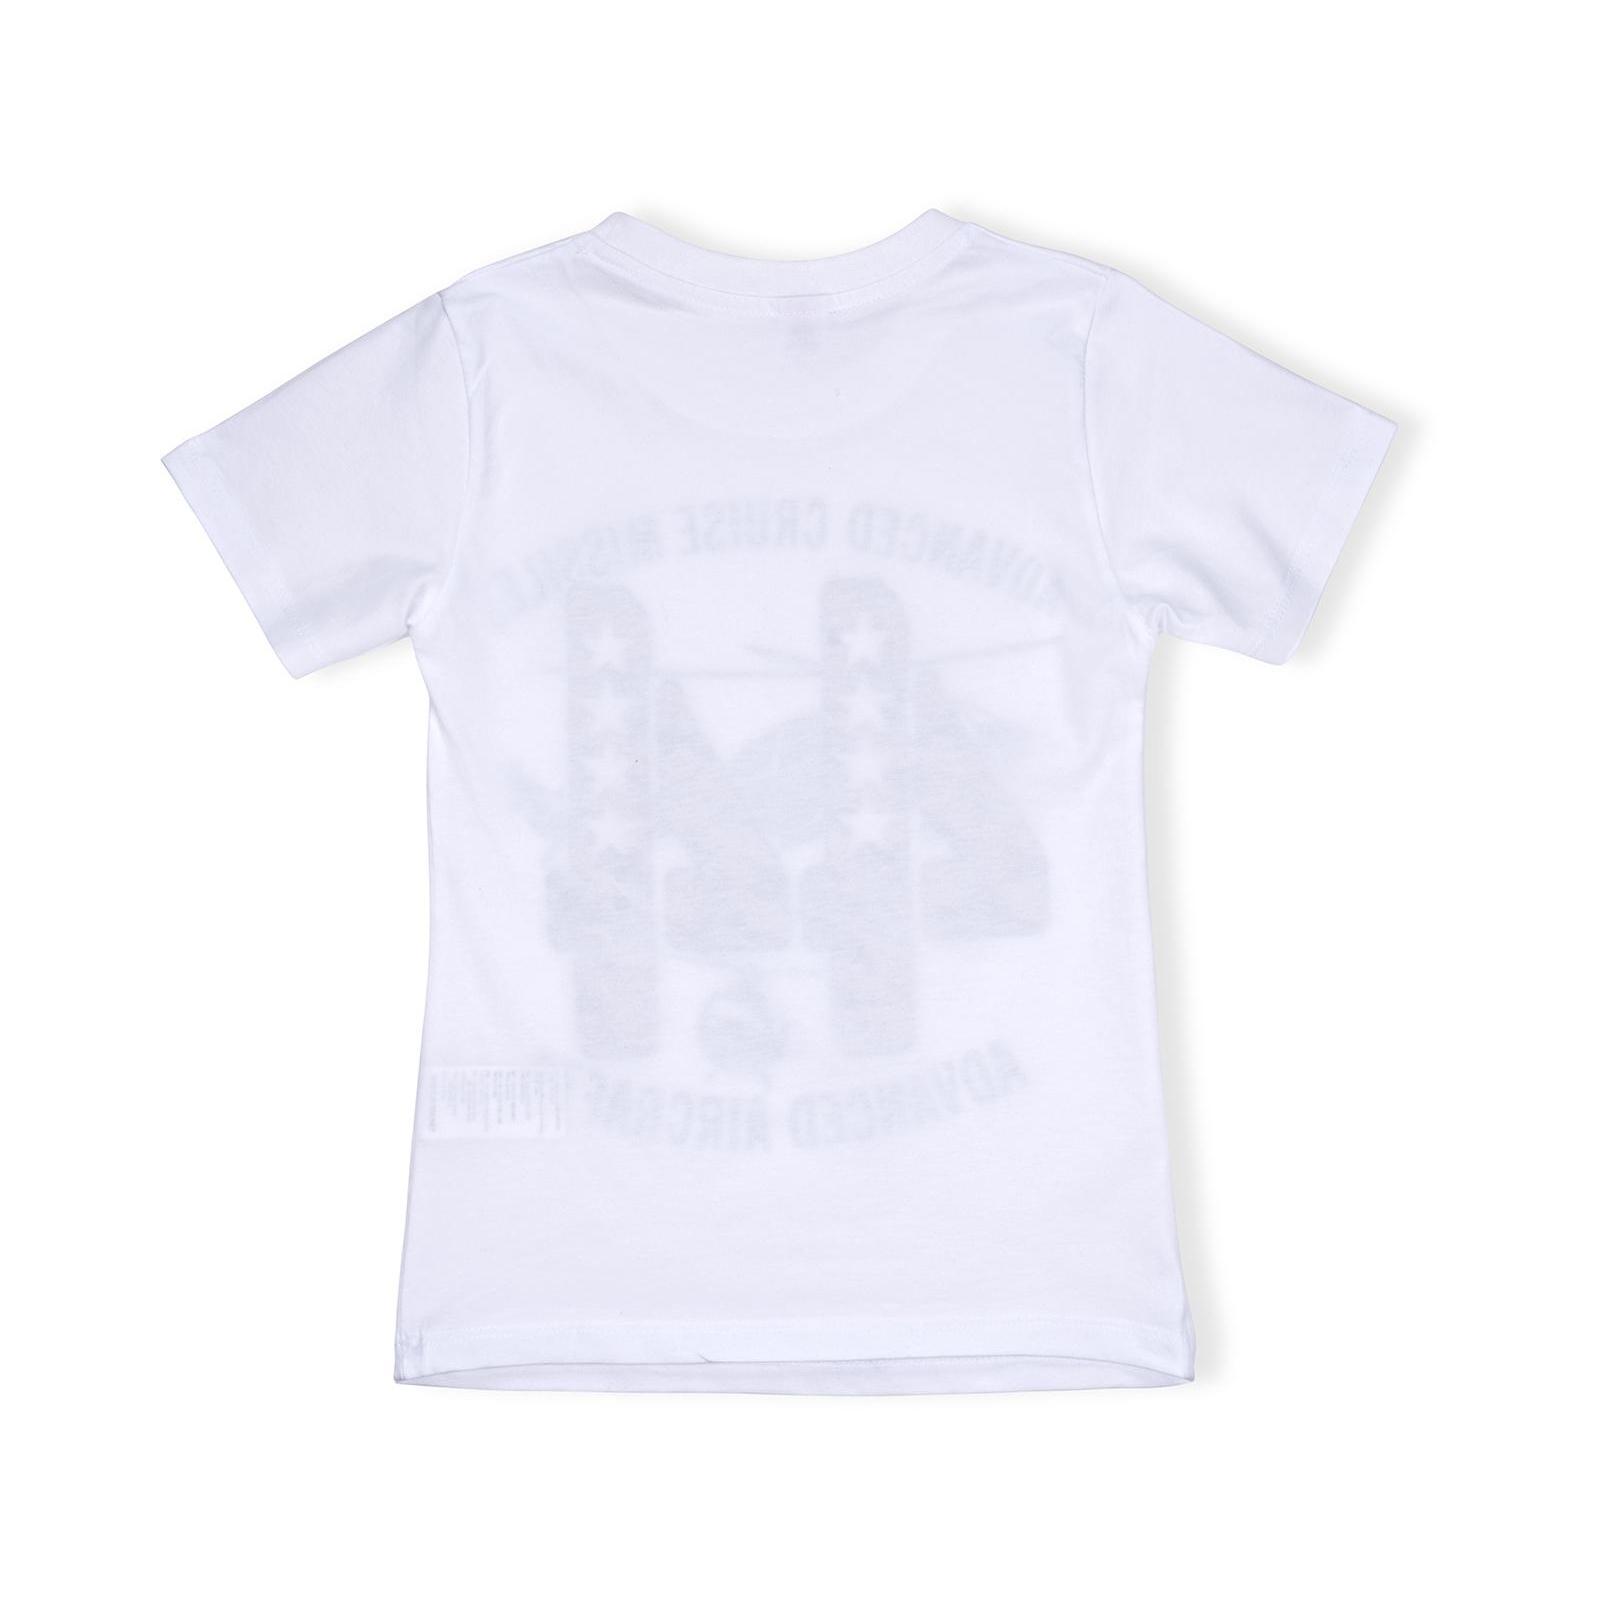 """Набор детской одежды Boinc """"44"""" (35067-116B-white) изображение 5"""